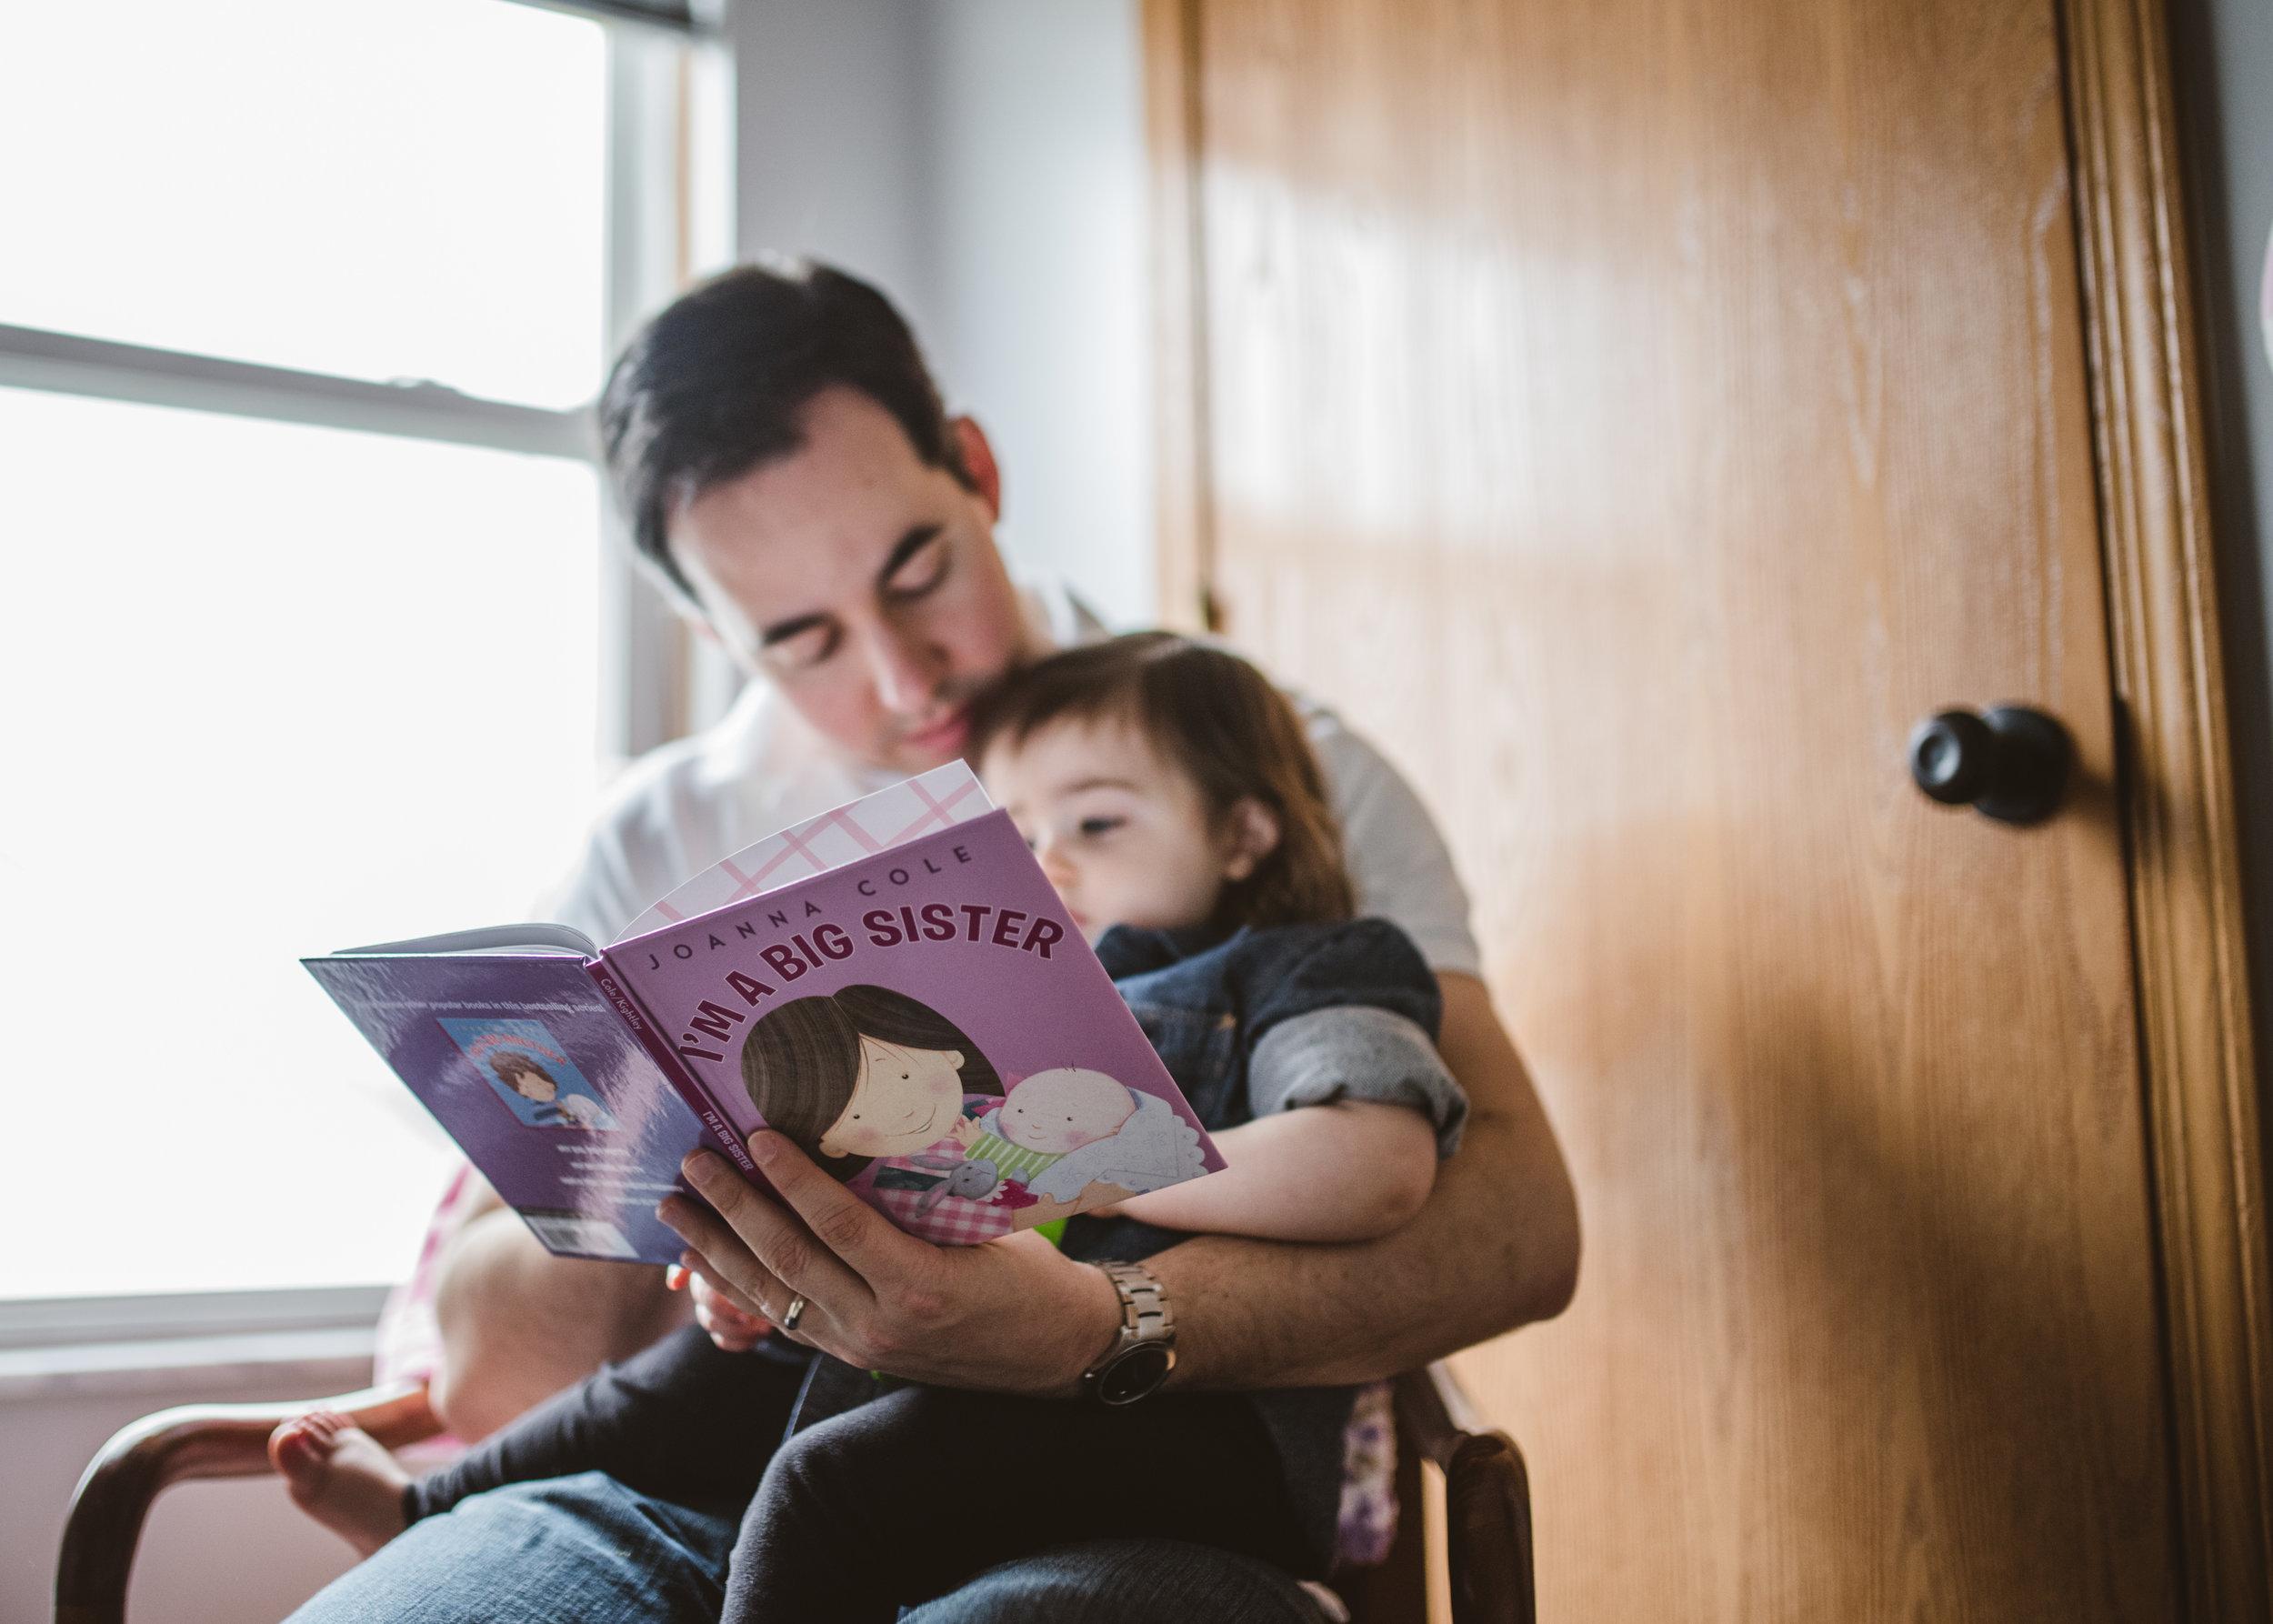 Columbus Ohio Lifestyle Maternity Photographer - Erika Venci Photography